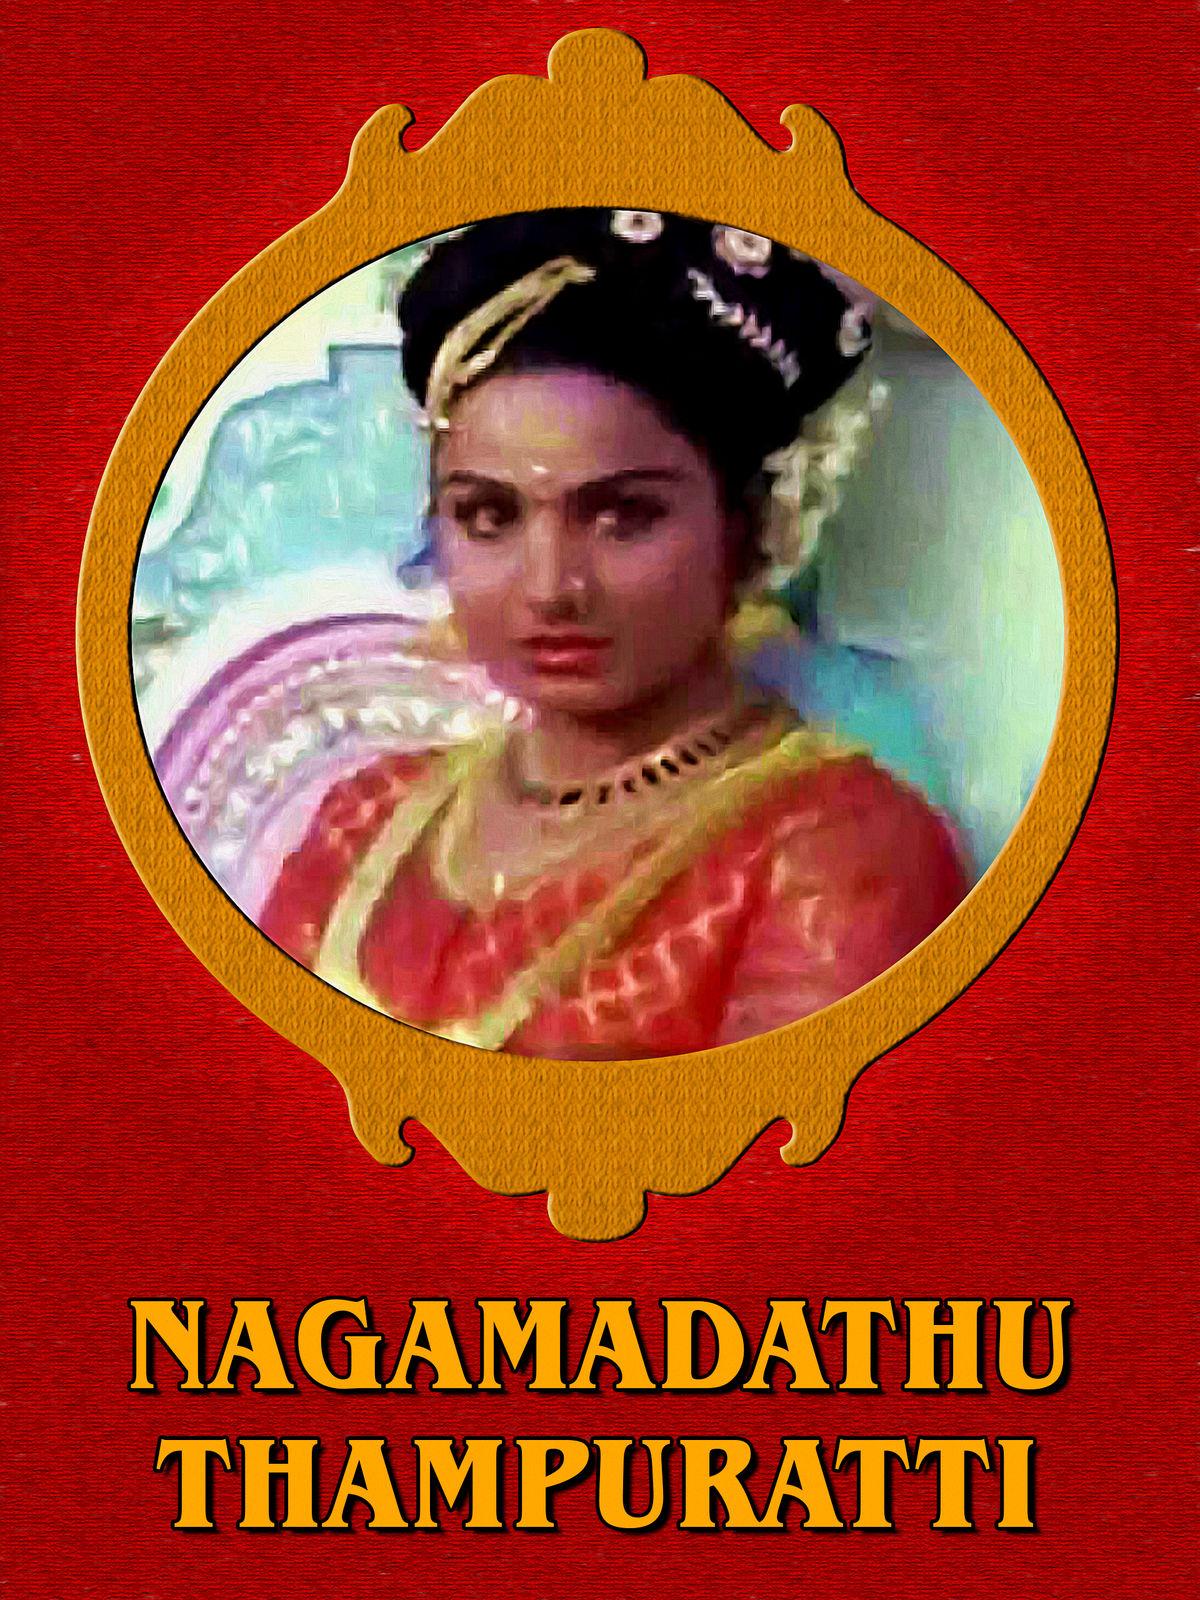 Nagamadathu Thampuratti